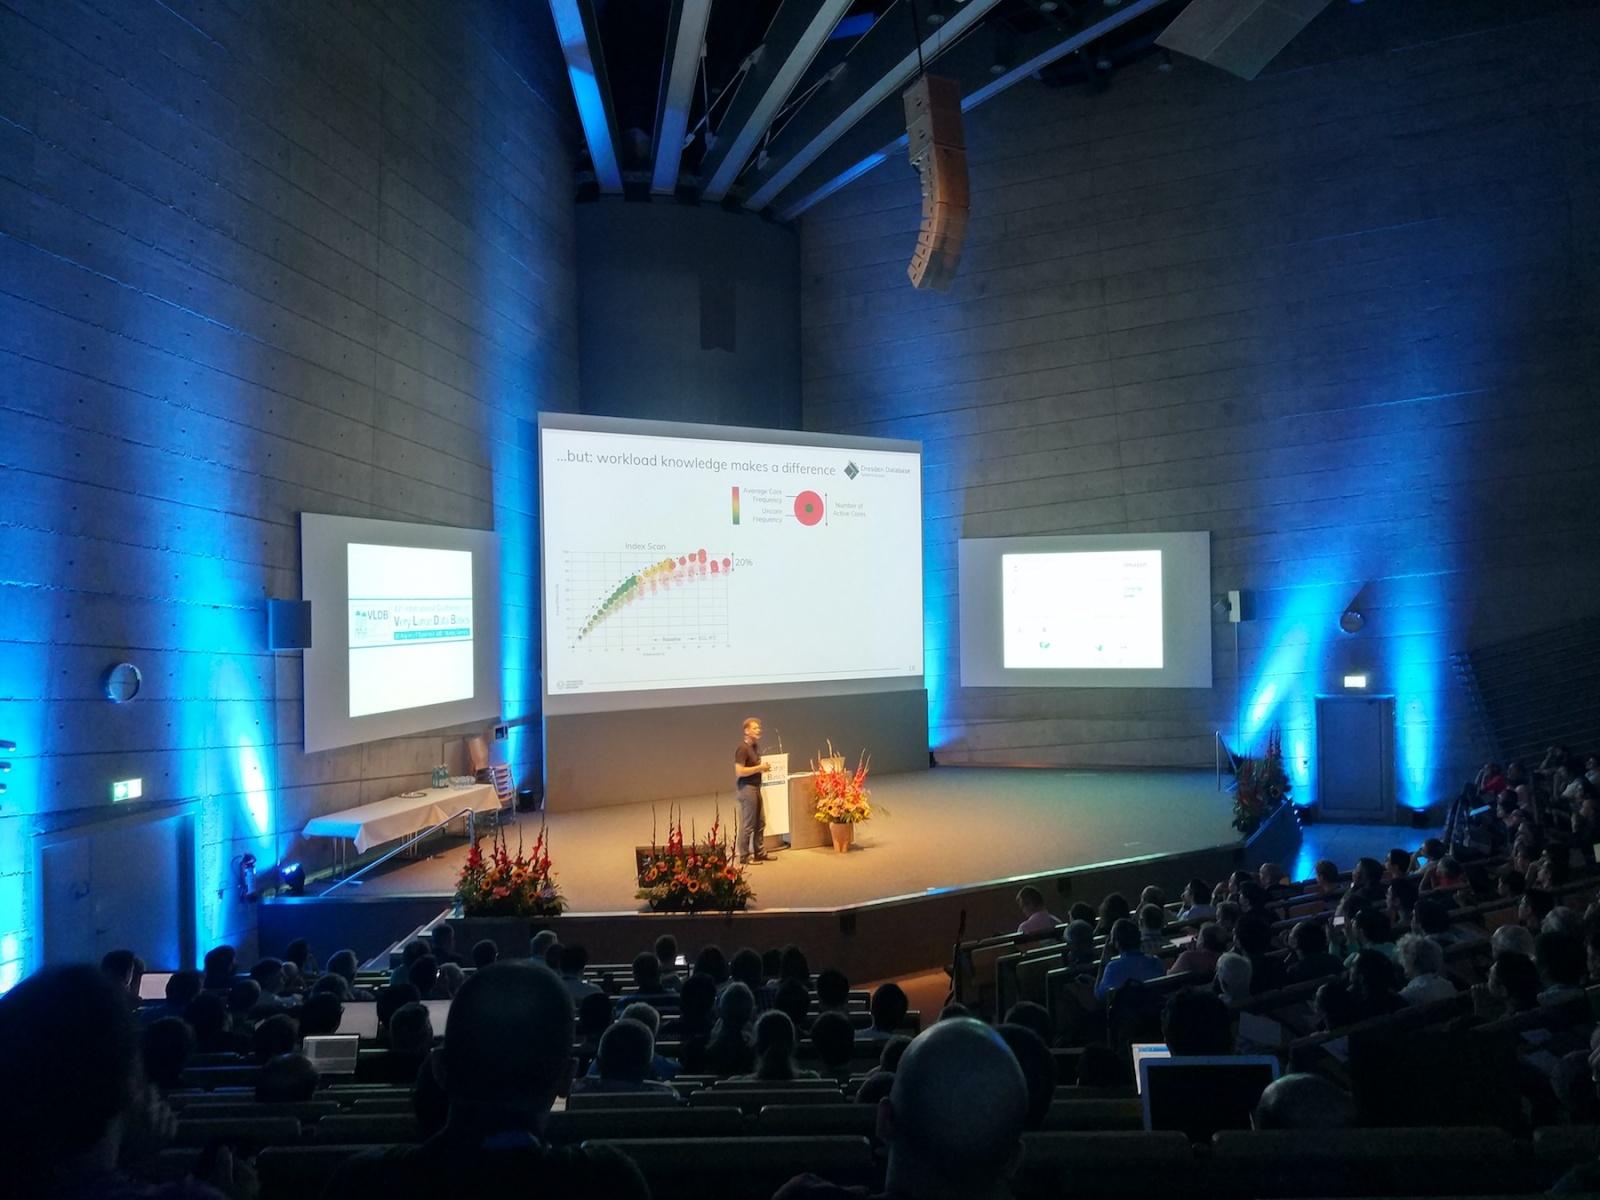 Материалы с VLDB, конференции о будущем баз данных - 2